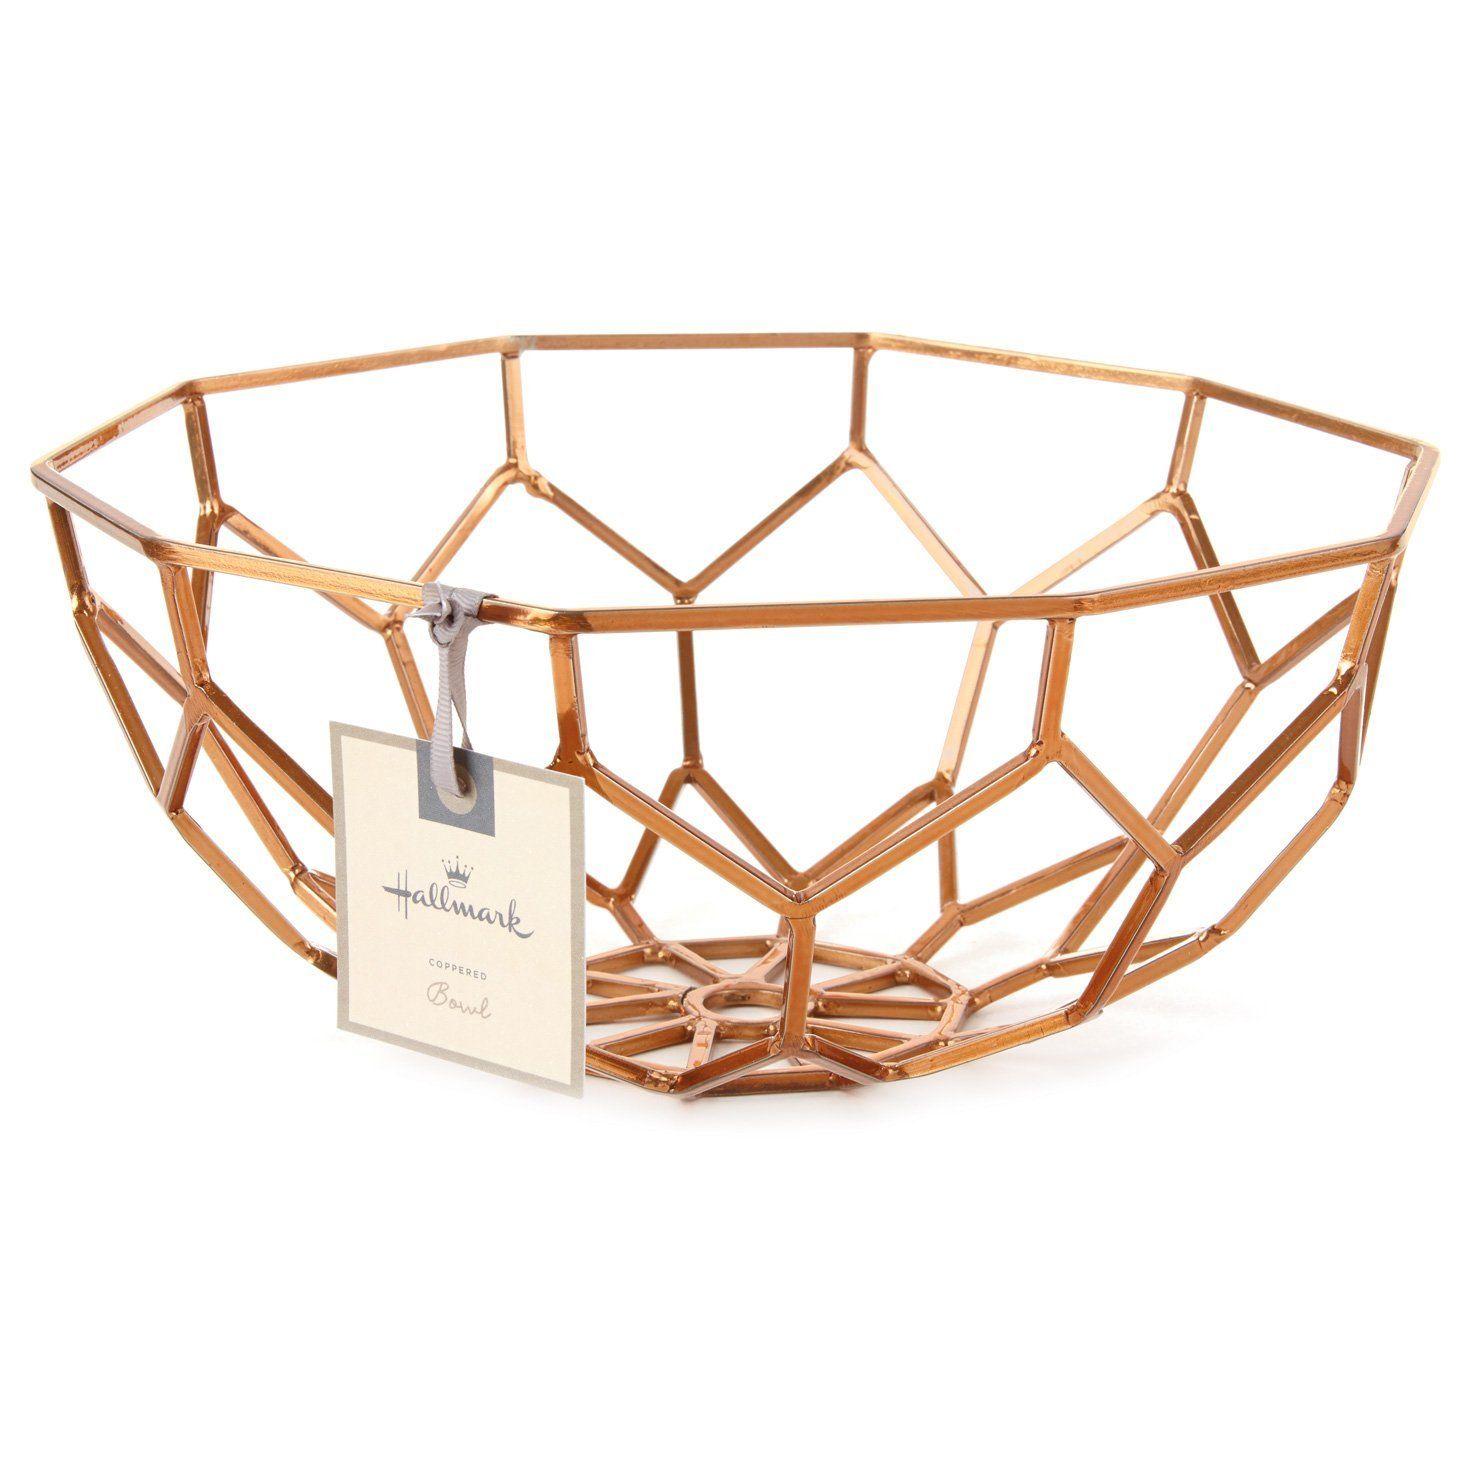 Amazon Com Hallmark Home Decor Copper Metal Geometric Bowl Home Kitchen Home Decor Copper Geometric Bowl